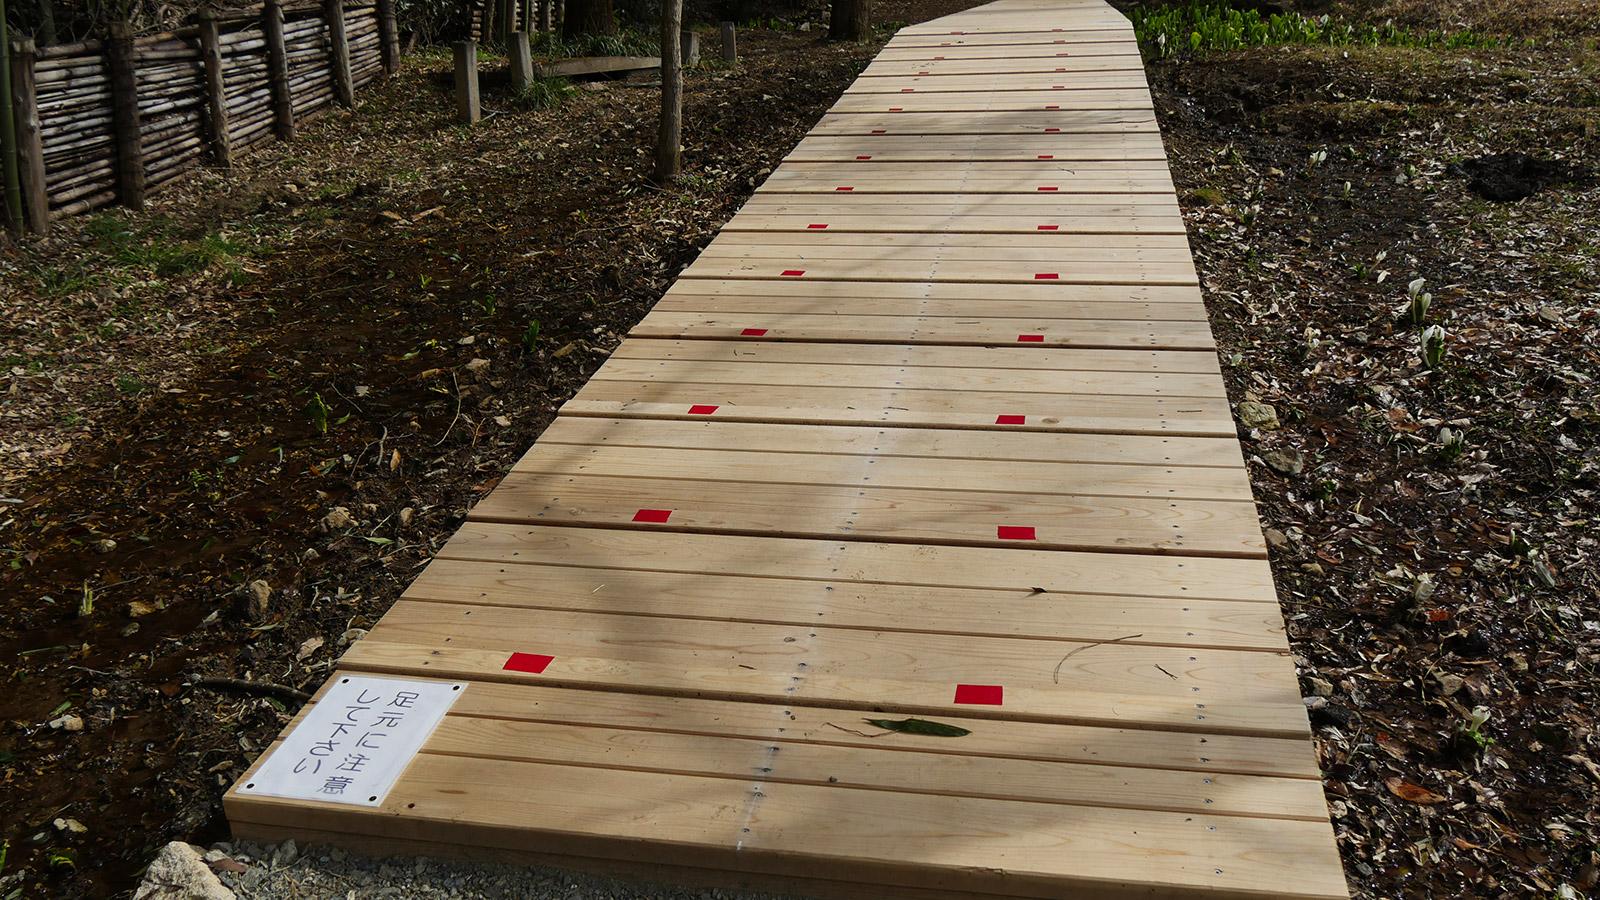 滑り止め用の板が見え難く、注意書きと共に色付けが施されました。